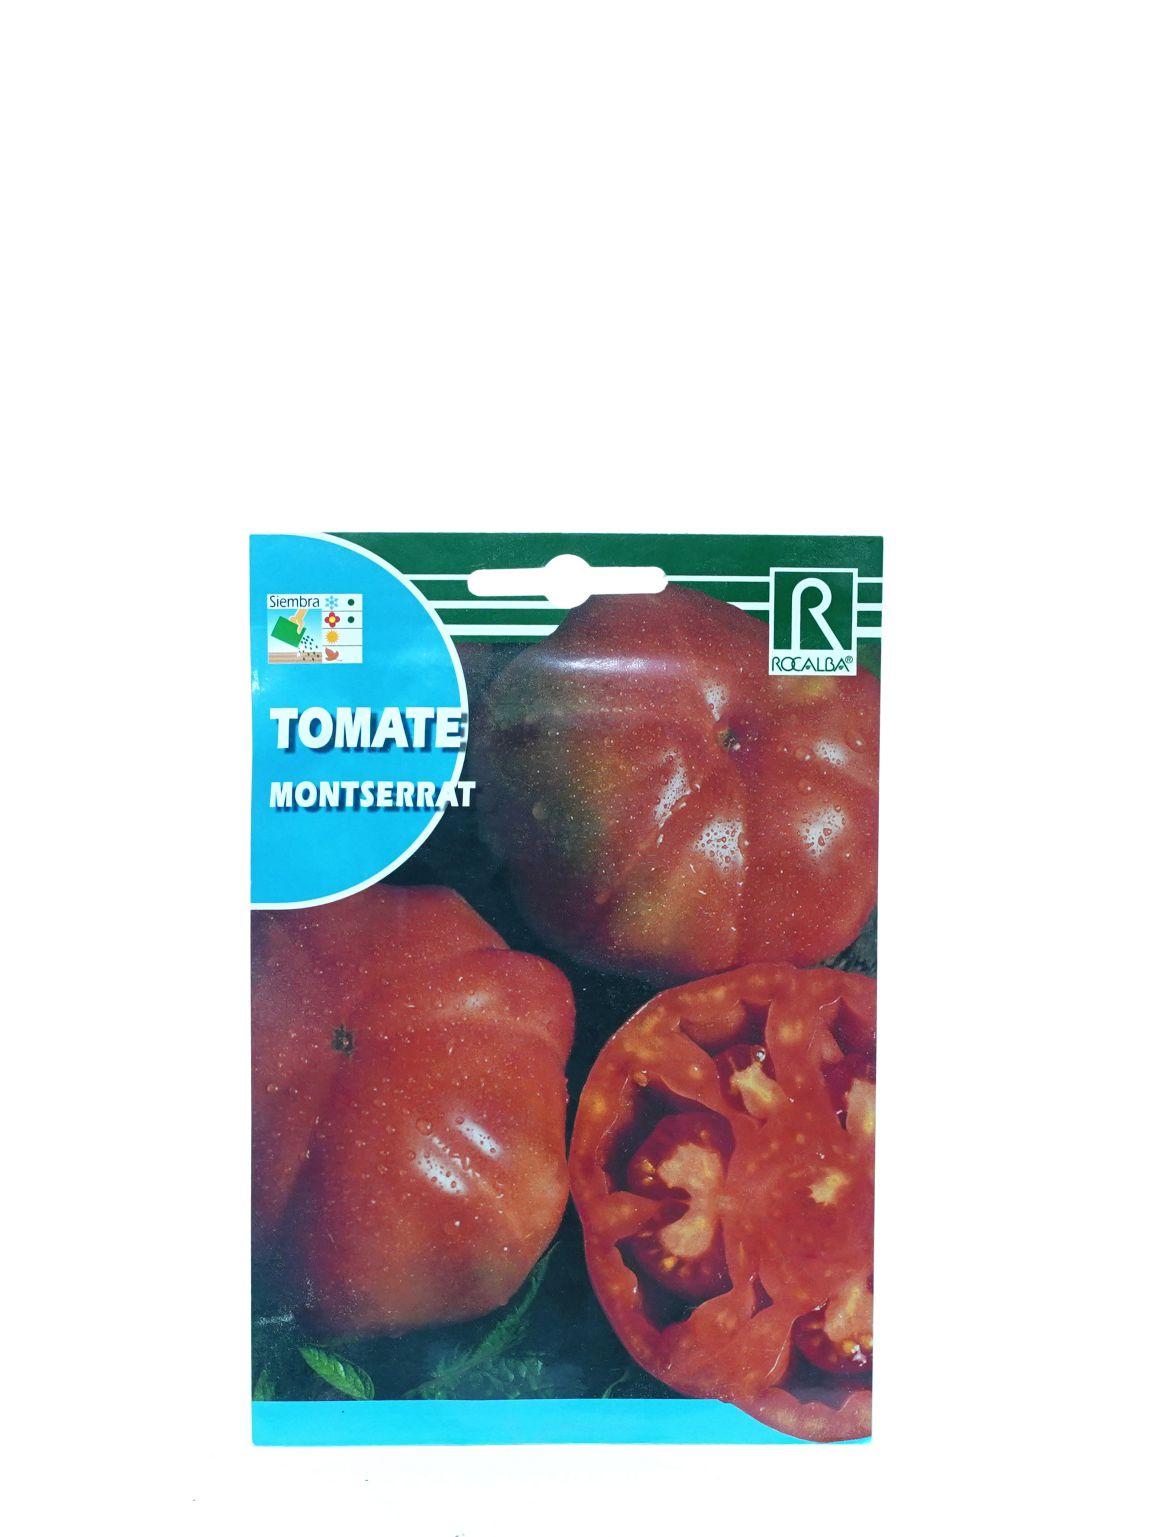 الطماطم مونتسيرات 'بذور'